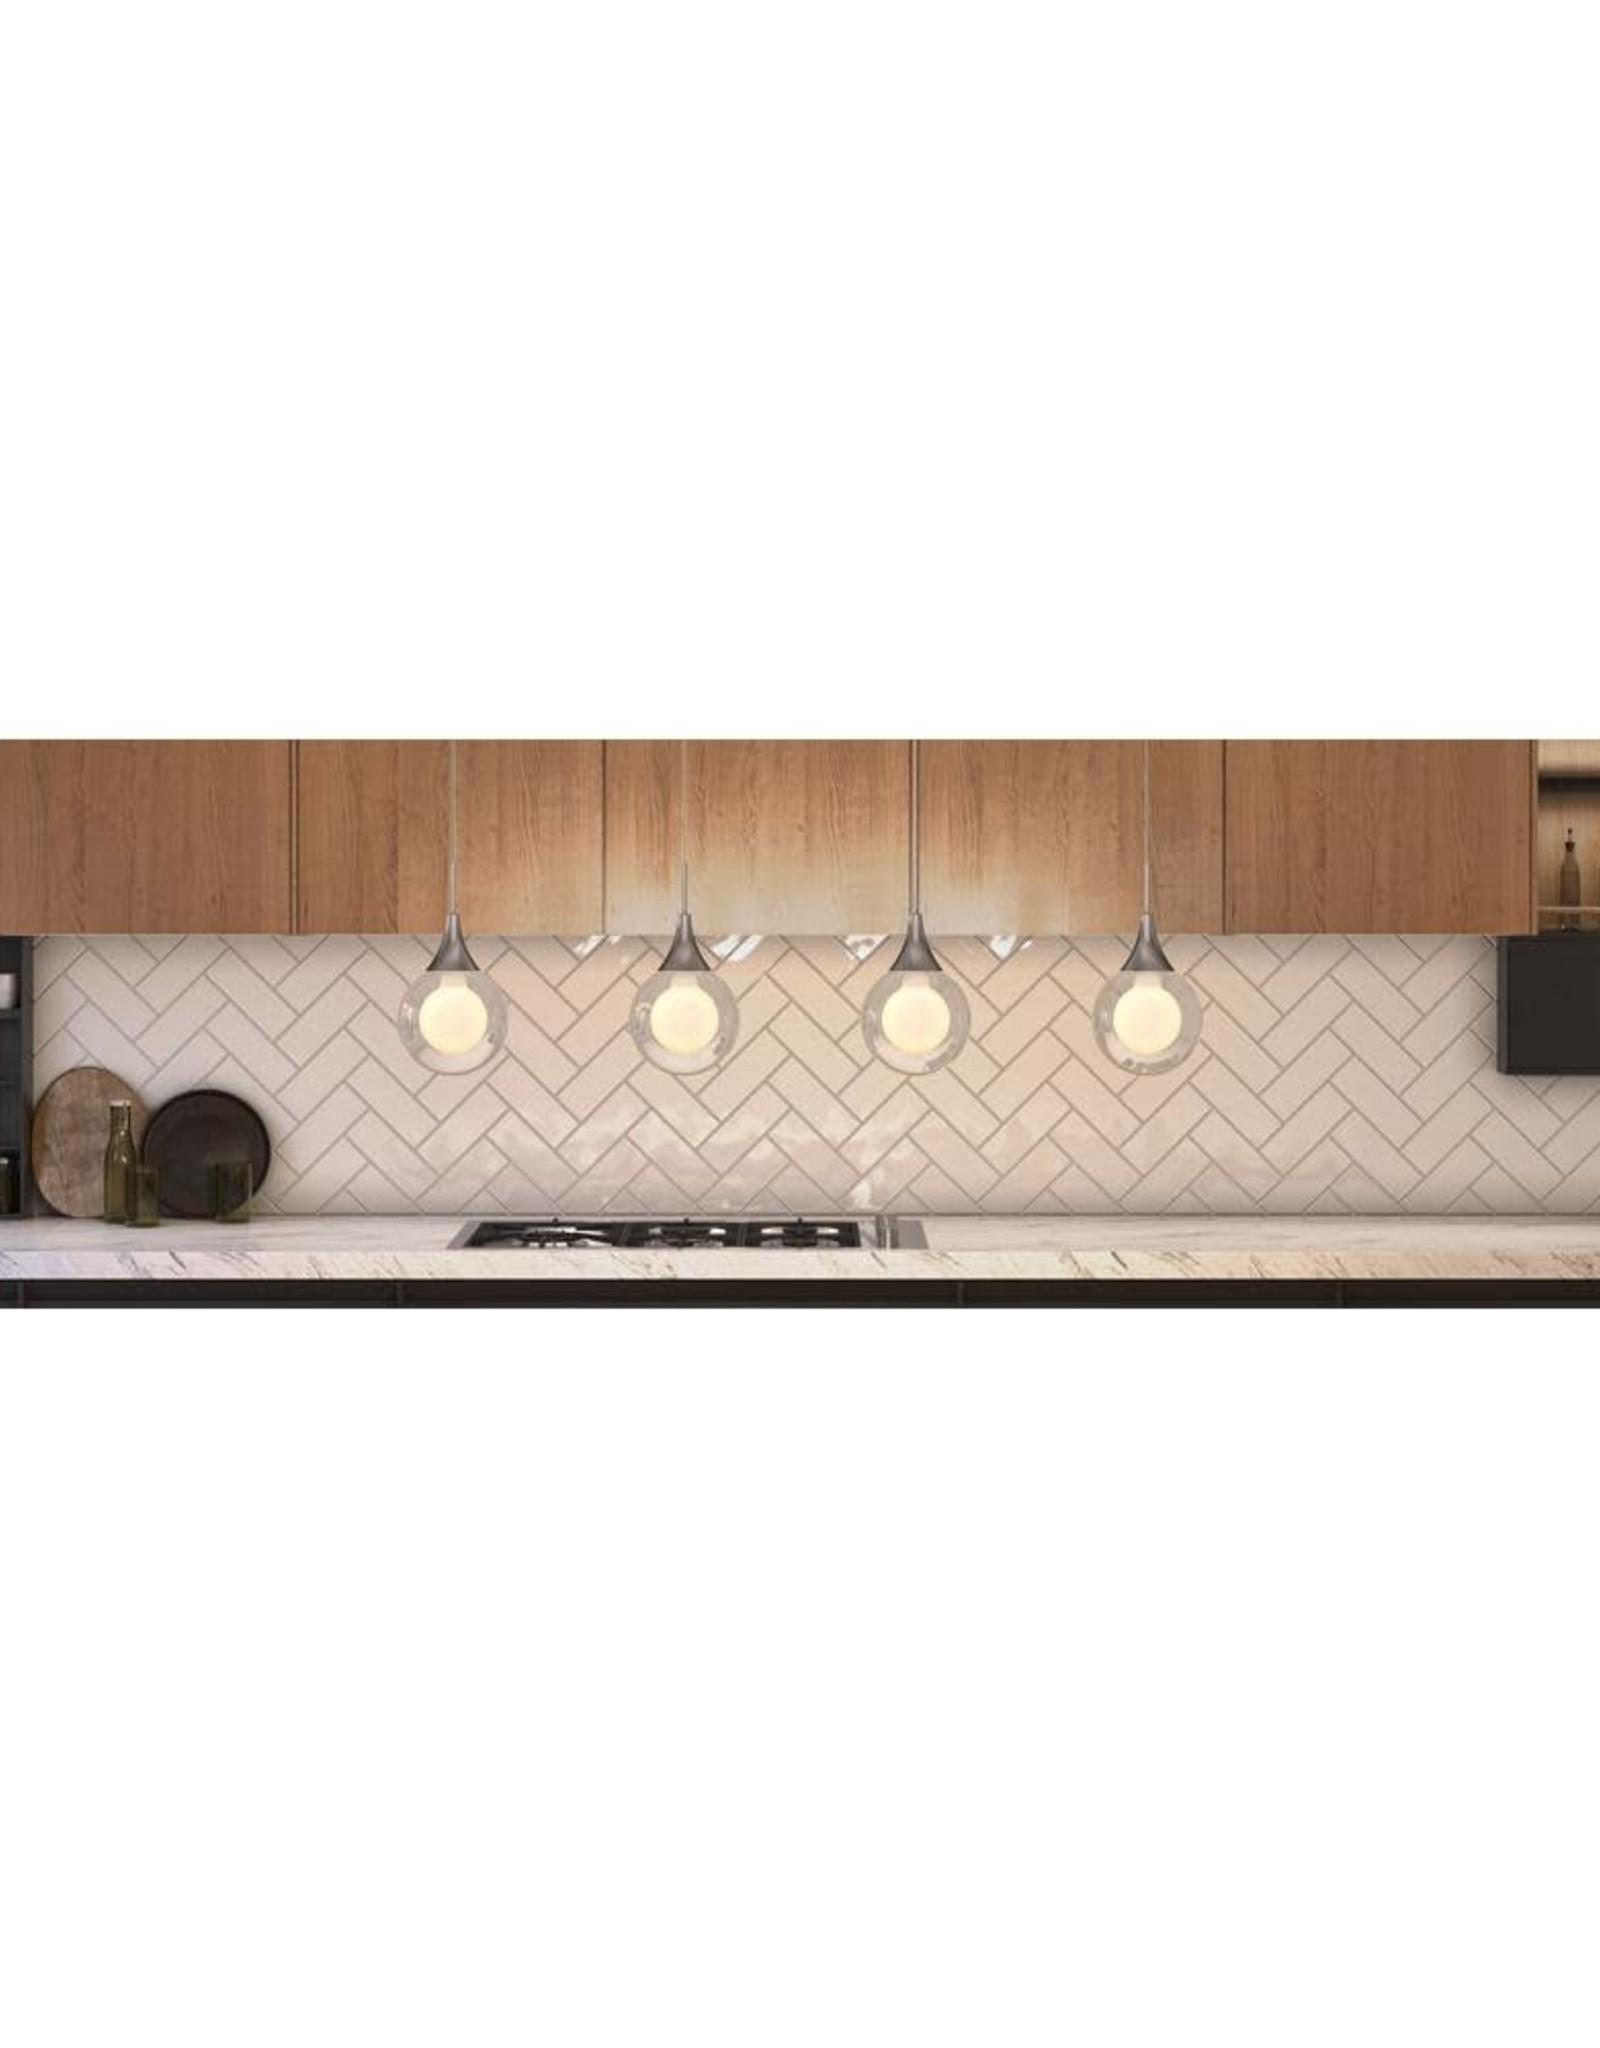 ARTIKA FOR LIVING INC Frosted Globe 11-Watt Chrome Integrated LED Pendant